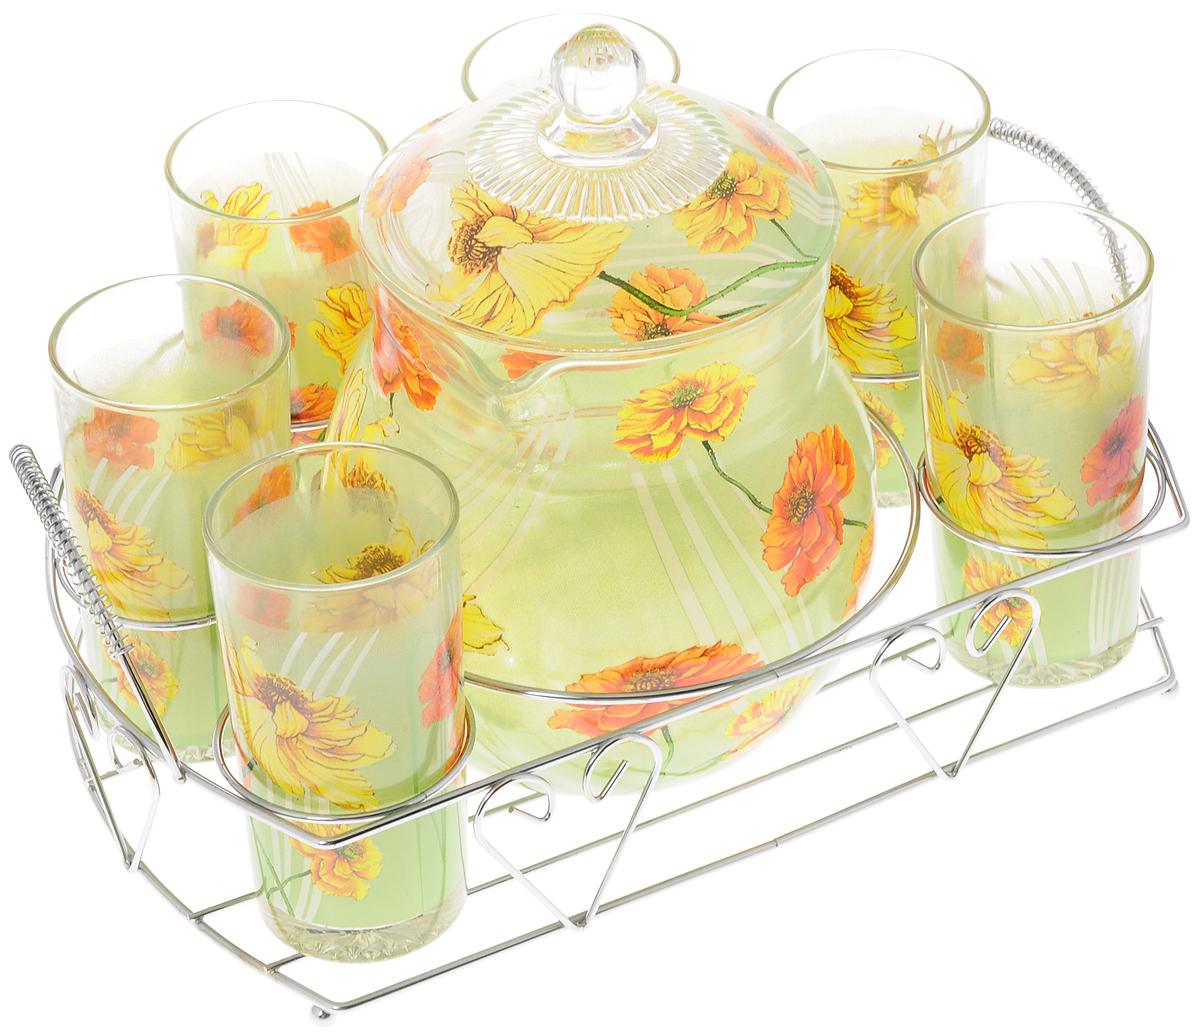 Набор питьевой Bekker Маки, 8 предметов. BK-5804BK-5804_маки красные,жёлтыеНабор Bekker Маки состоит из шести высоких стаканов и графина с крышкой. Посуда выполнена из высококачественного стекла в элегантном дизайне с рисунком в виде цветов. Предметы набора располагаются на изящной металлической подставке с двумя ручками. Благодаря такому набору пить напитки будет еще вкуснее. Он украсит сервировку стола, а также станет отличным подарком на любой праздник. Предметы набора можно мыть в посудомоечной машине. Высота стенки графина: 14 см. Диаметр графина по верхнему краю: 11,5 см. Объем графина: 1,6 л. Диаметр стакана по верхнему краю: 6 см. Высота стакана: 12 см. Объем стакана: 252 мл. Размер подставки: 30 х 23,5 х 11 см.